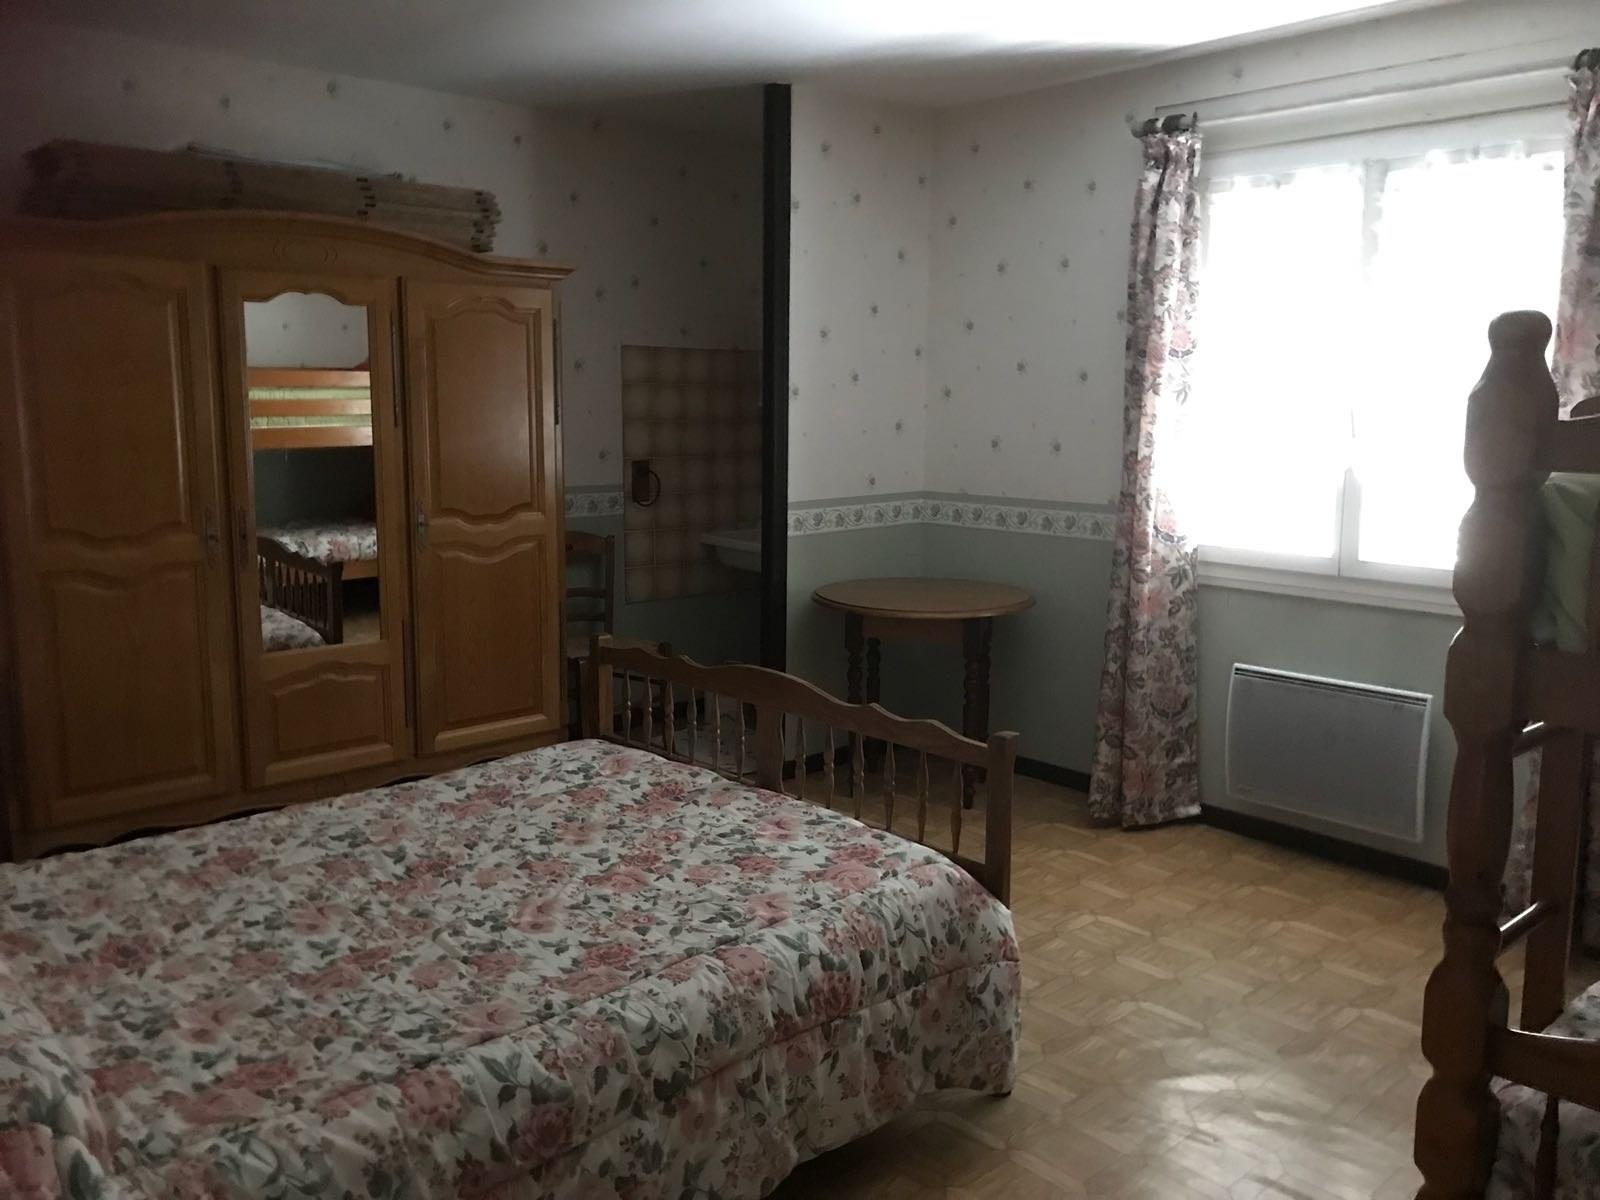 baroville-champagne-chambre-lit-double-armoire-fenetre-miroir